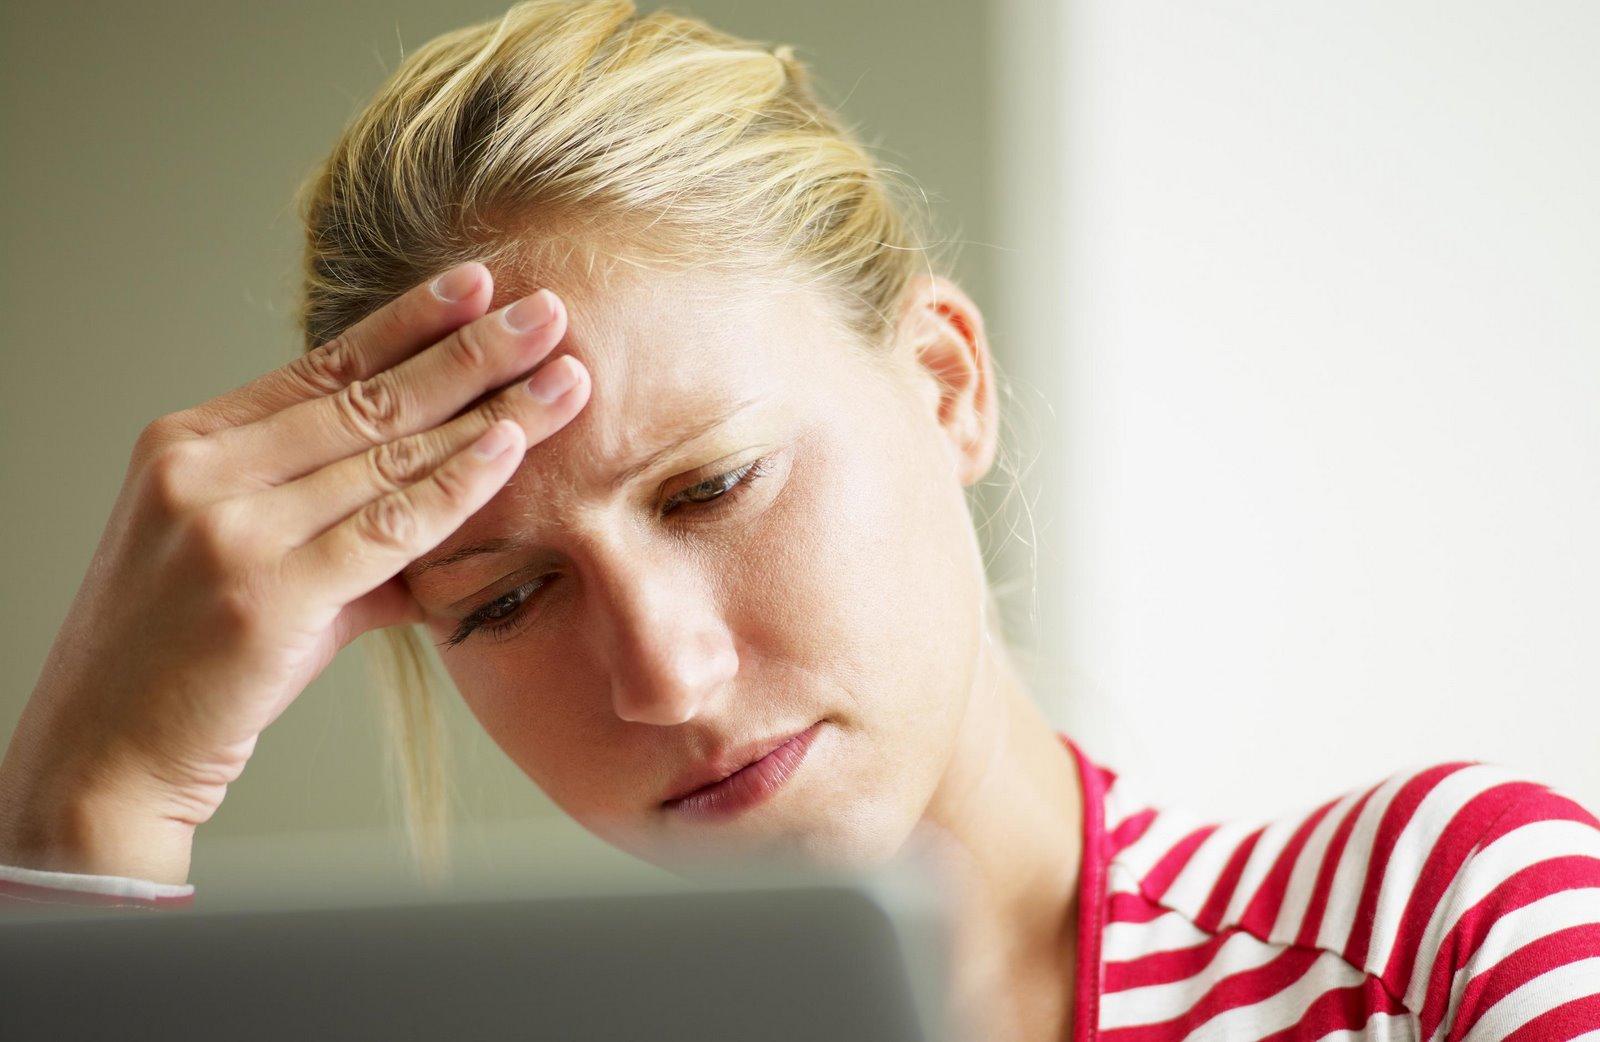 sintomi di gravidanza o sindrome premestruale